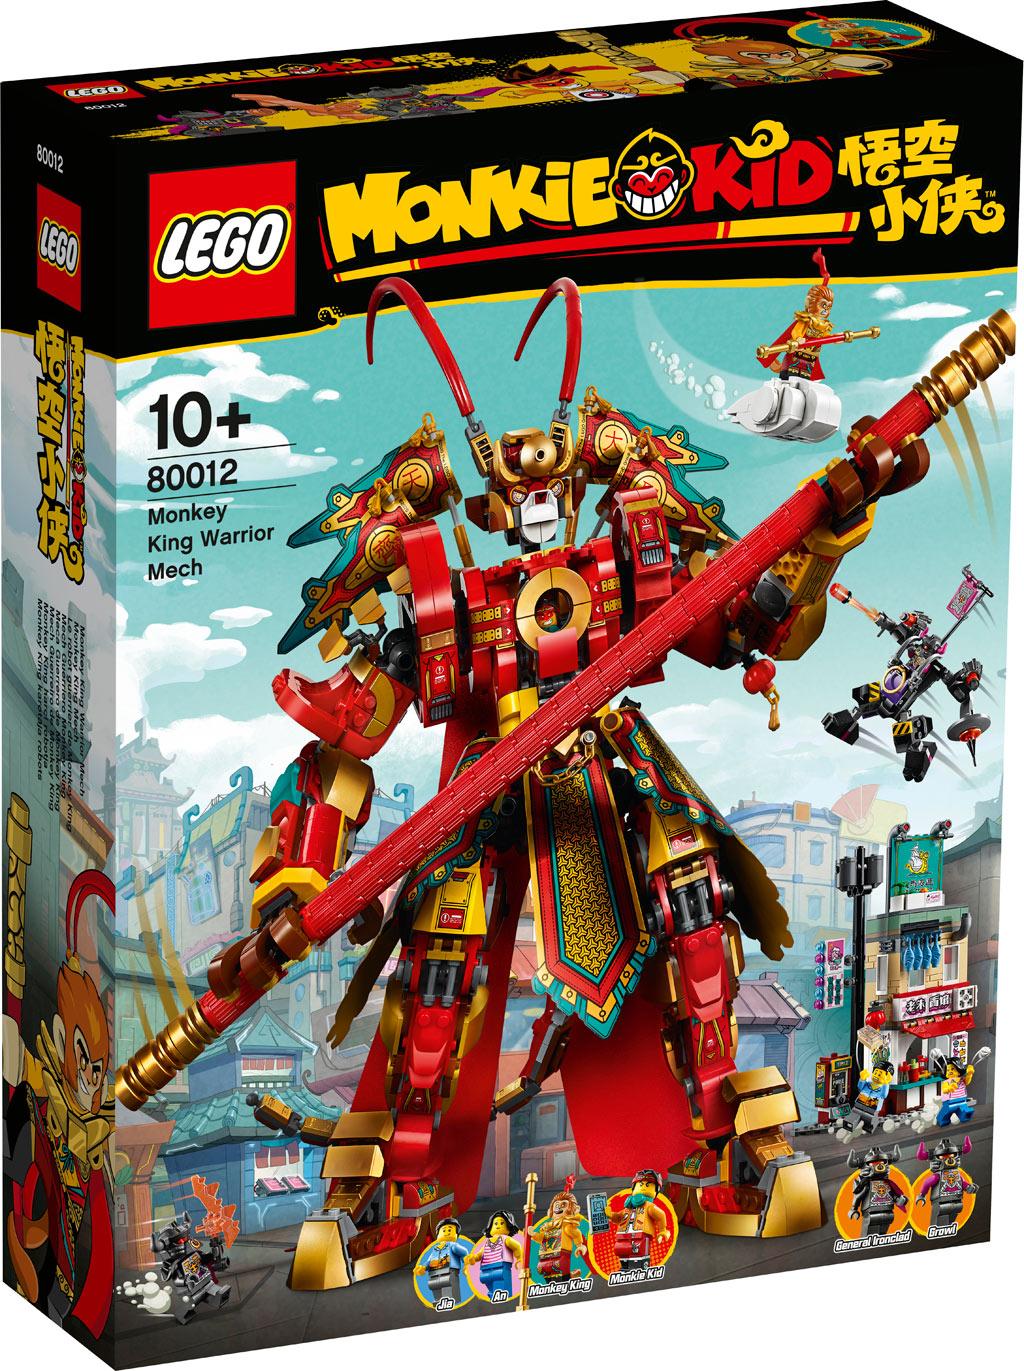 lego-monkie-kid-80012-monkey-king-warrior-mech-2020-box zusammengebaut.com